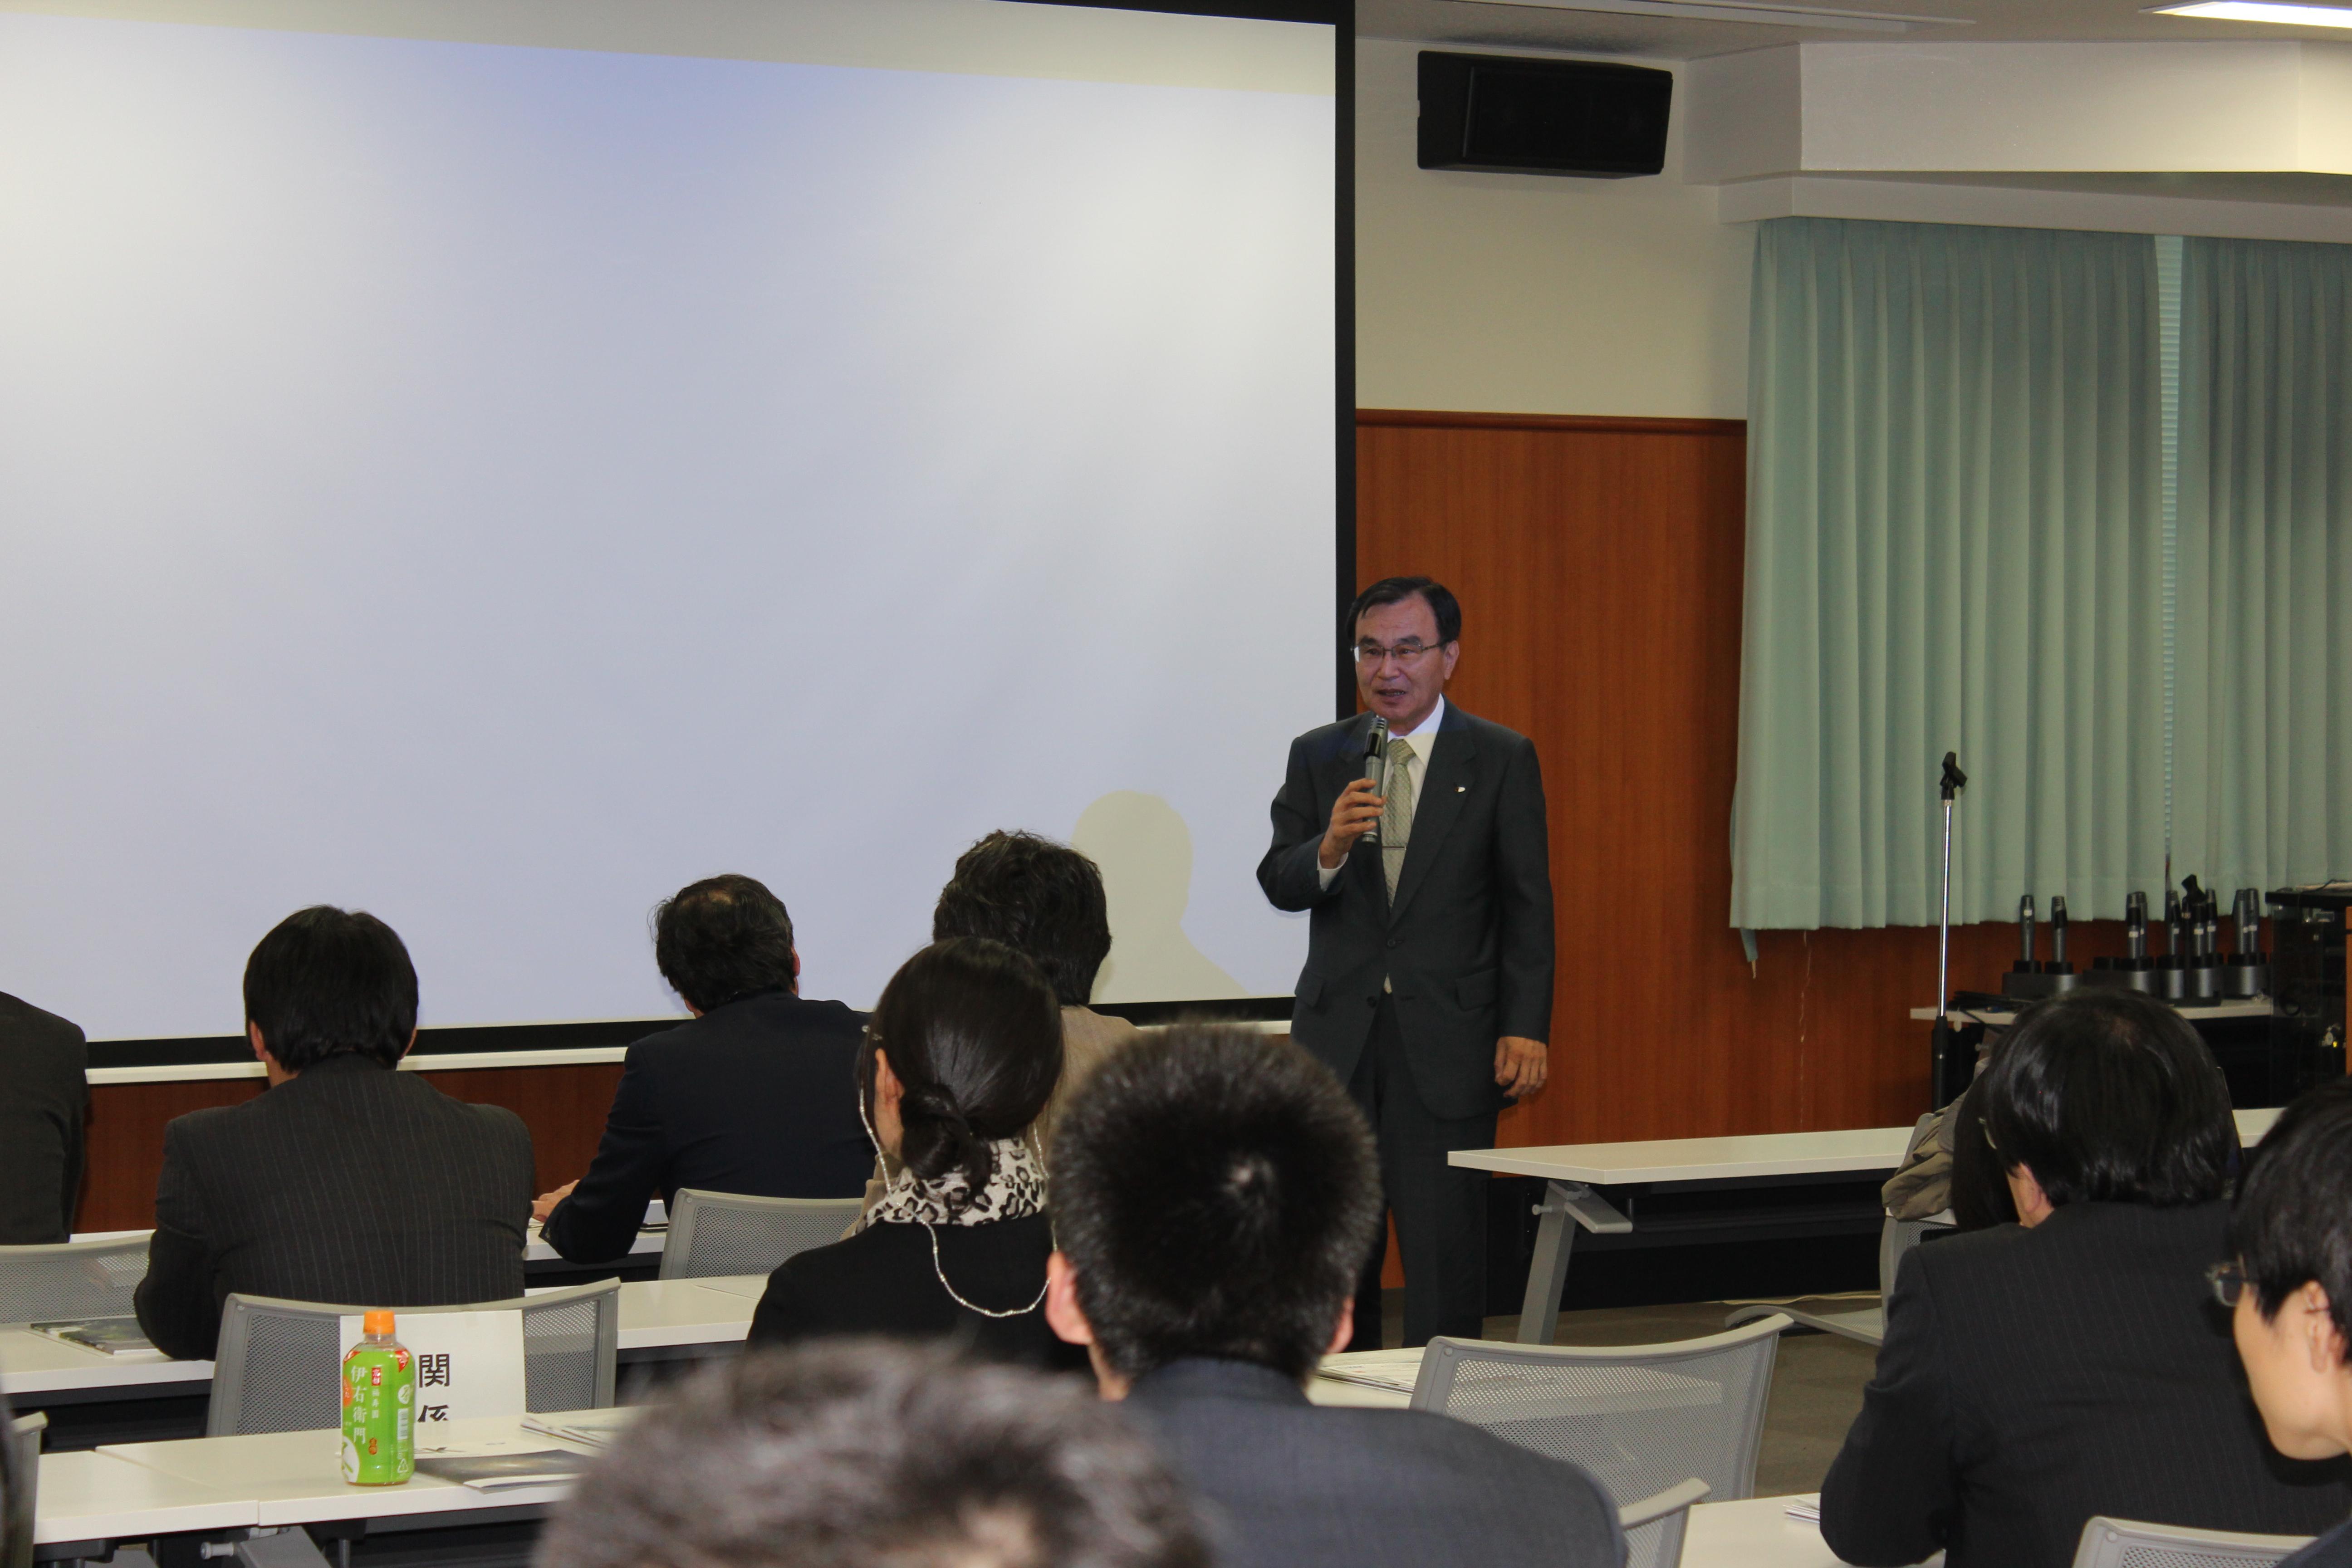 千葉大学-高エネルギー加速器研究機構 第1回合同シンポジウムを開催